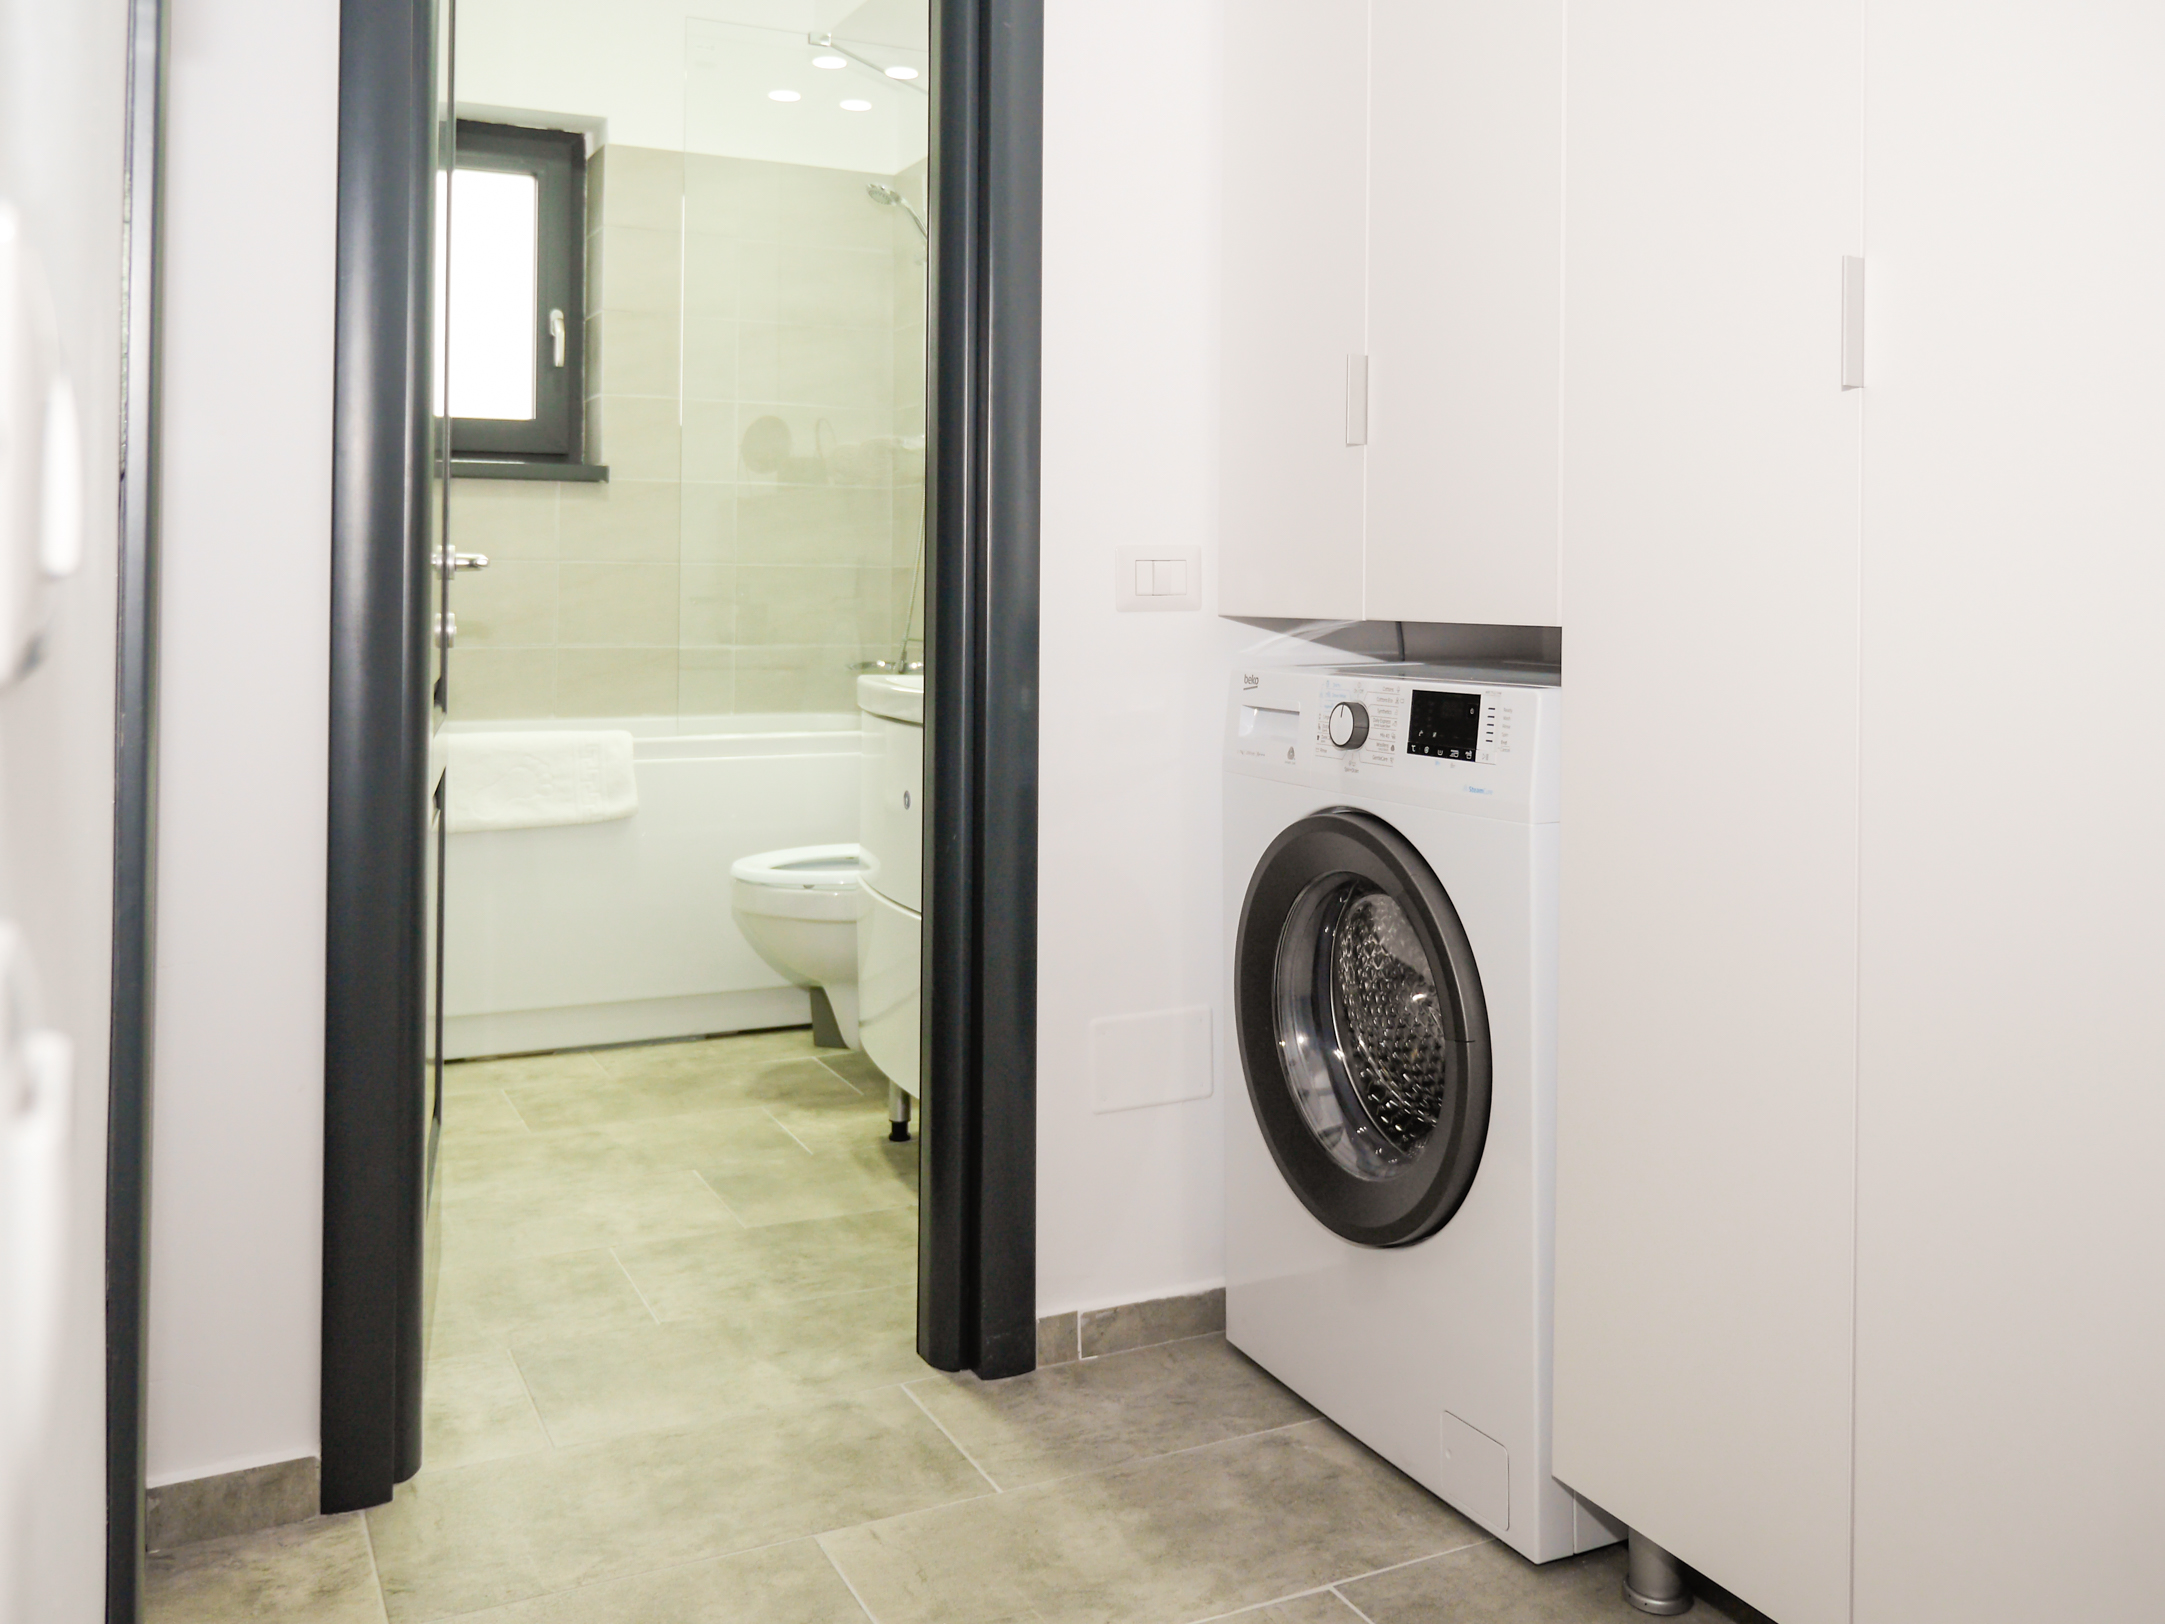 Clement Apartments - apartamente de inchiriat in regim hotelier - cazare neamt - cazare piatra neamt - apartament 9 (6)